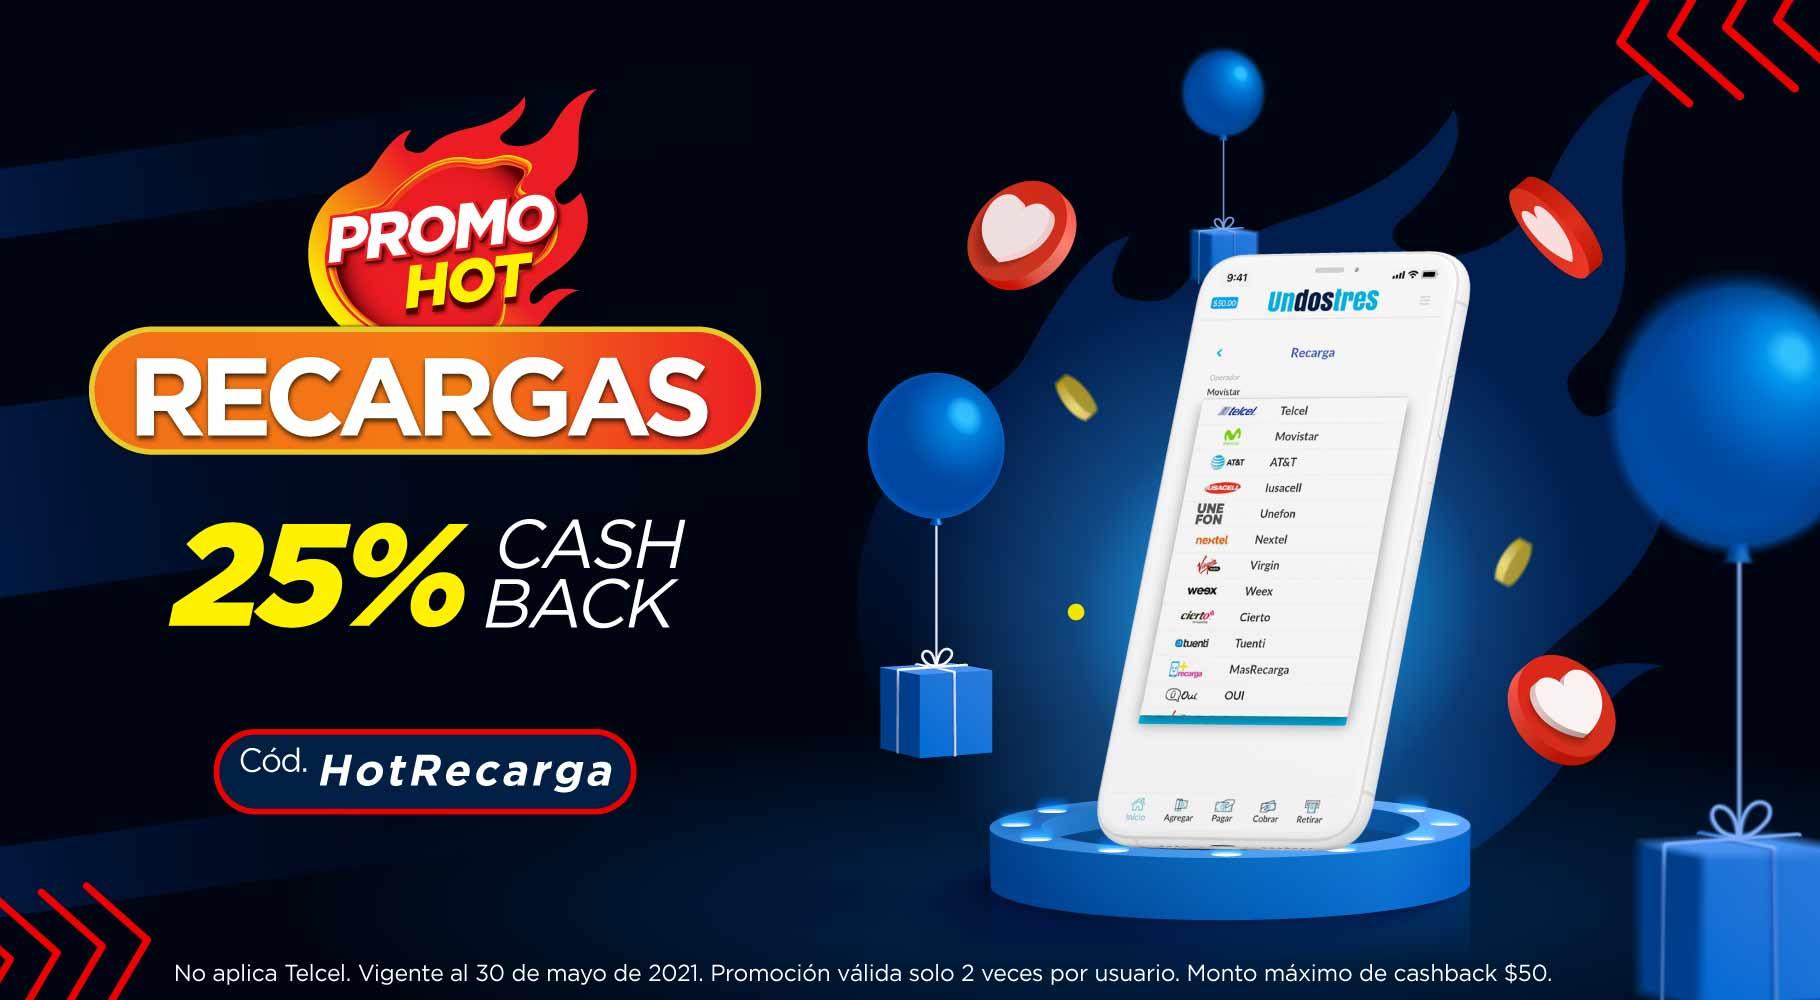 Undostres 25% de cashback en recargas (no aplica Telcel)